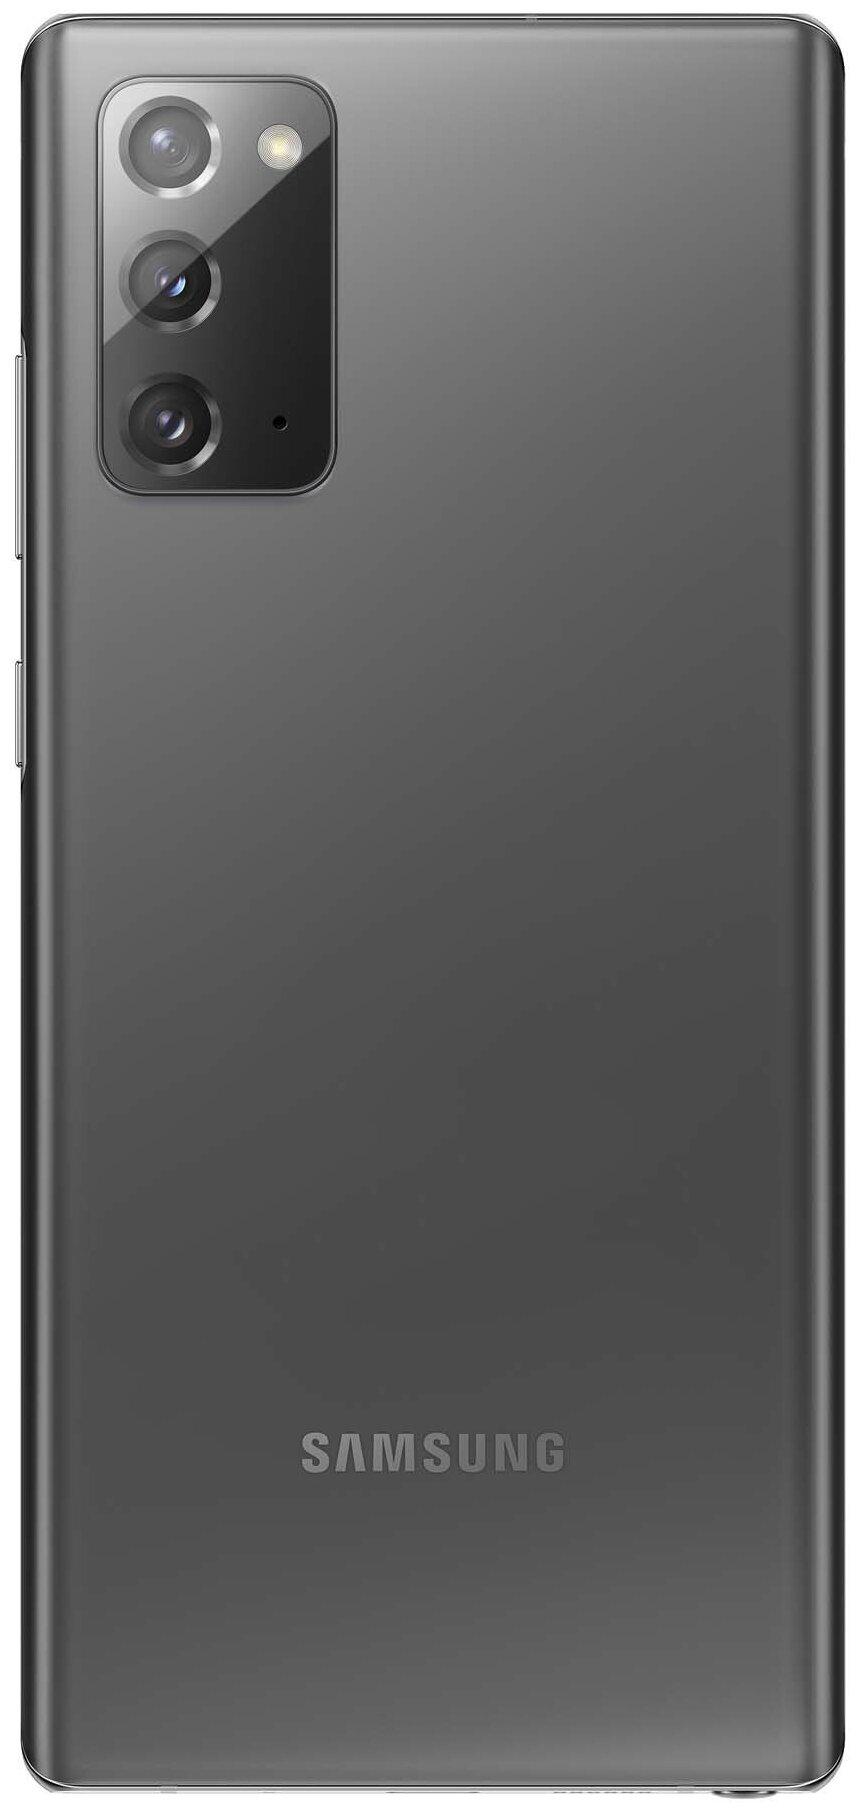 Samsung Galaxy Note 20 8/256GB - оперативная память: 8ГБ